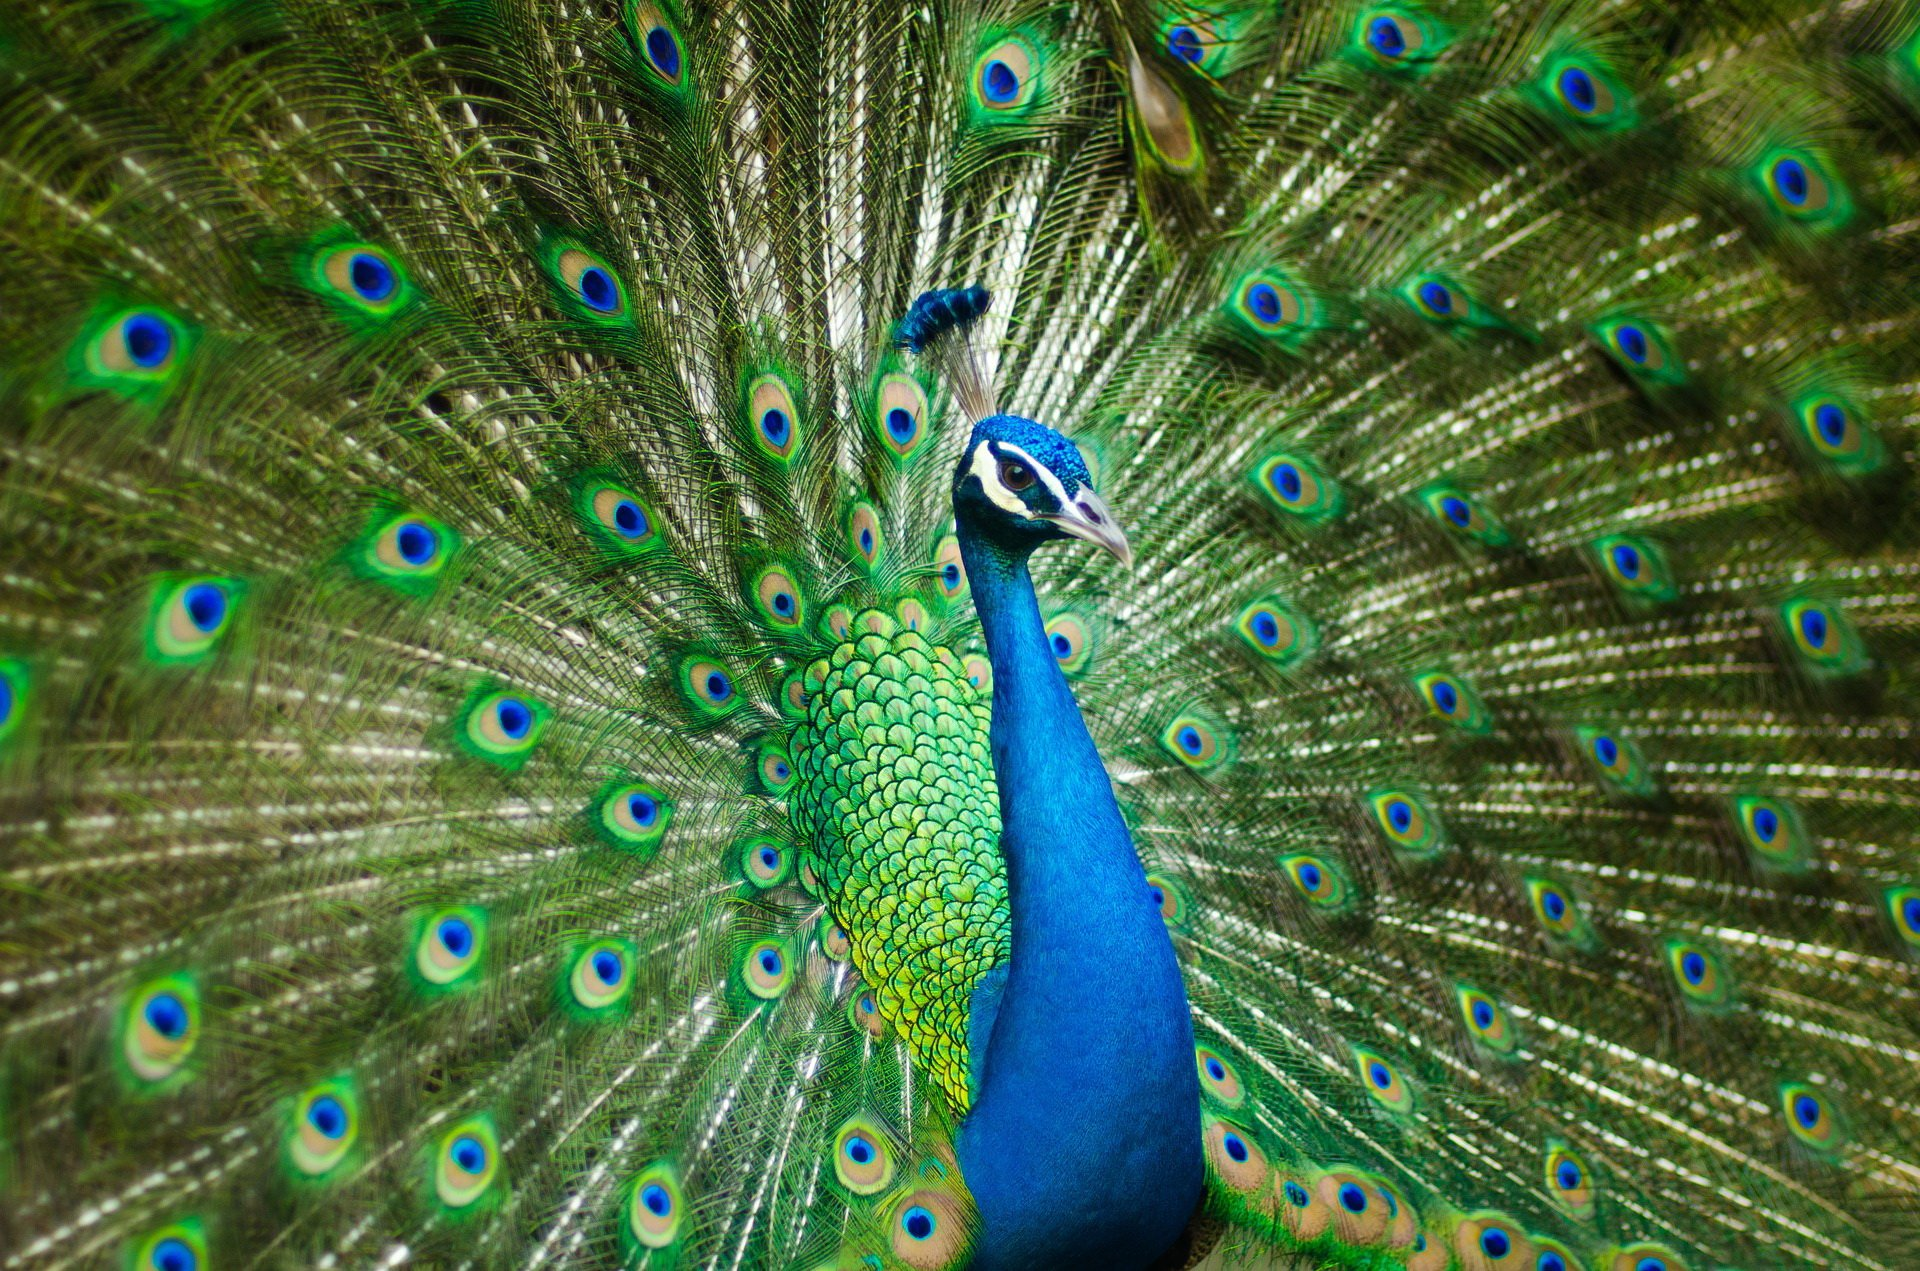 Paw zagadki o ptakach zwierzętach z odpowiedziami